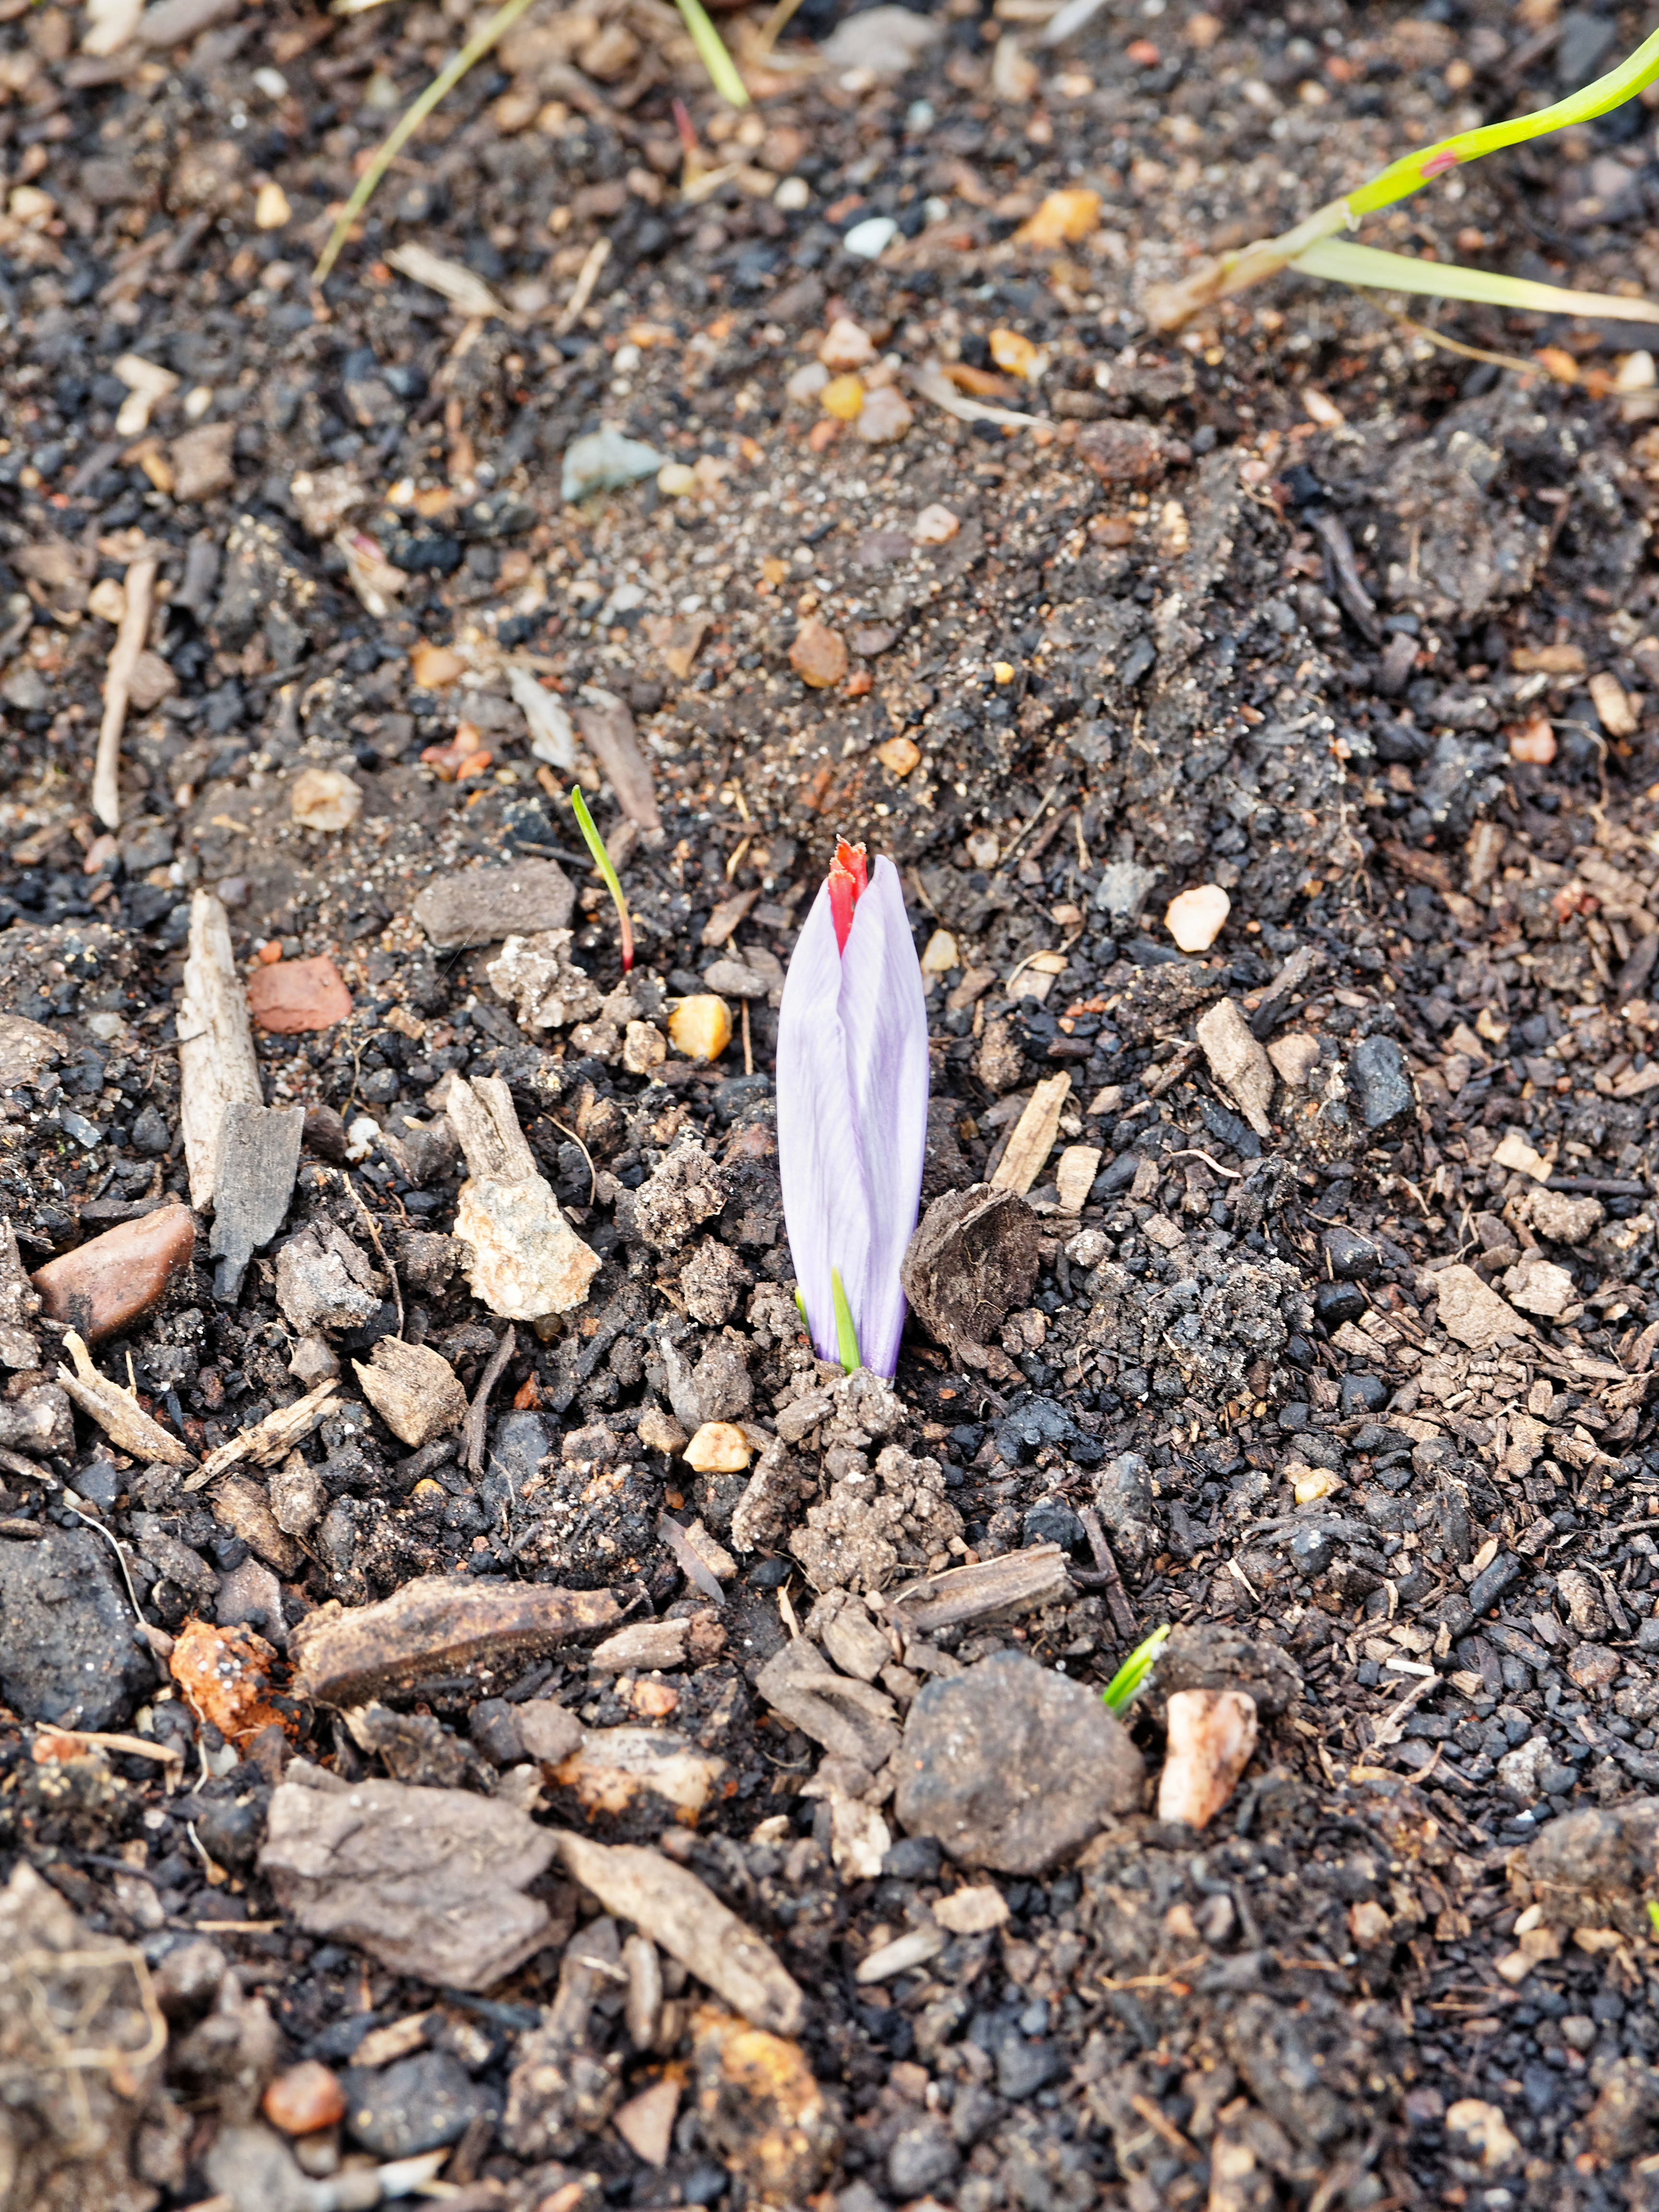 This should be Crocus-sativus.jpeg.  Is it missing?